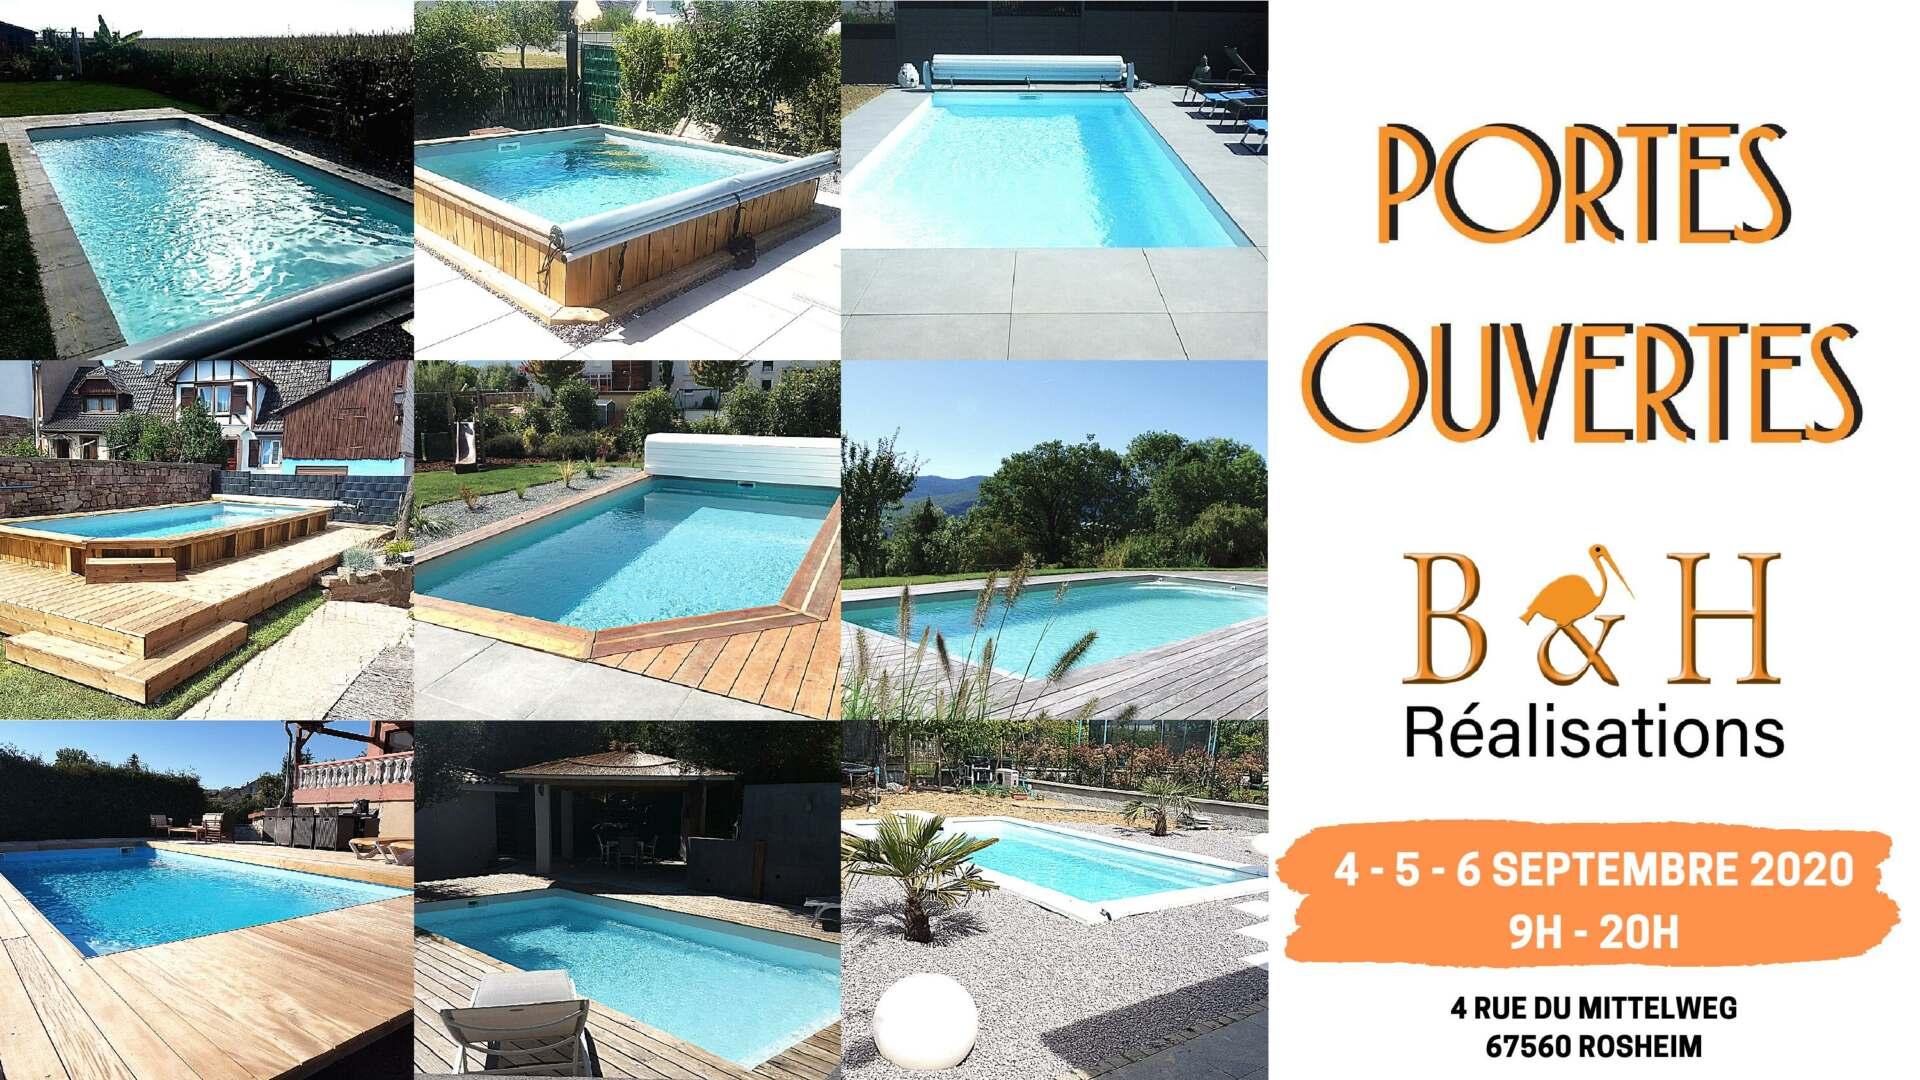 PORTES_OUVERTES-page-001